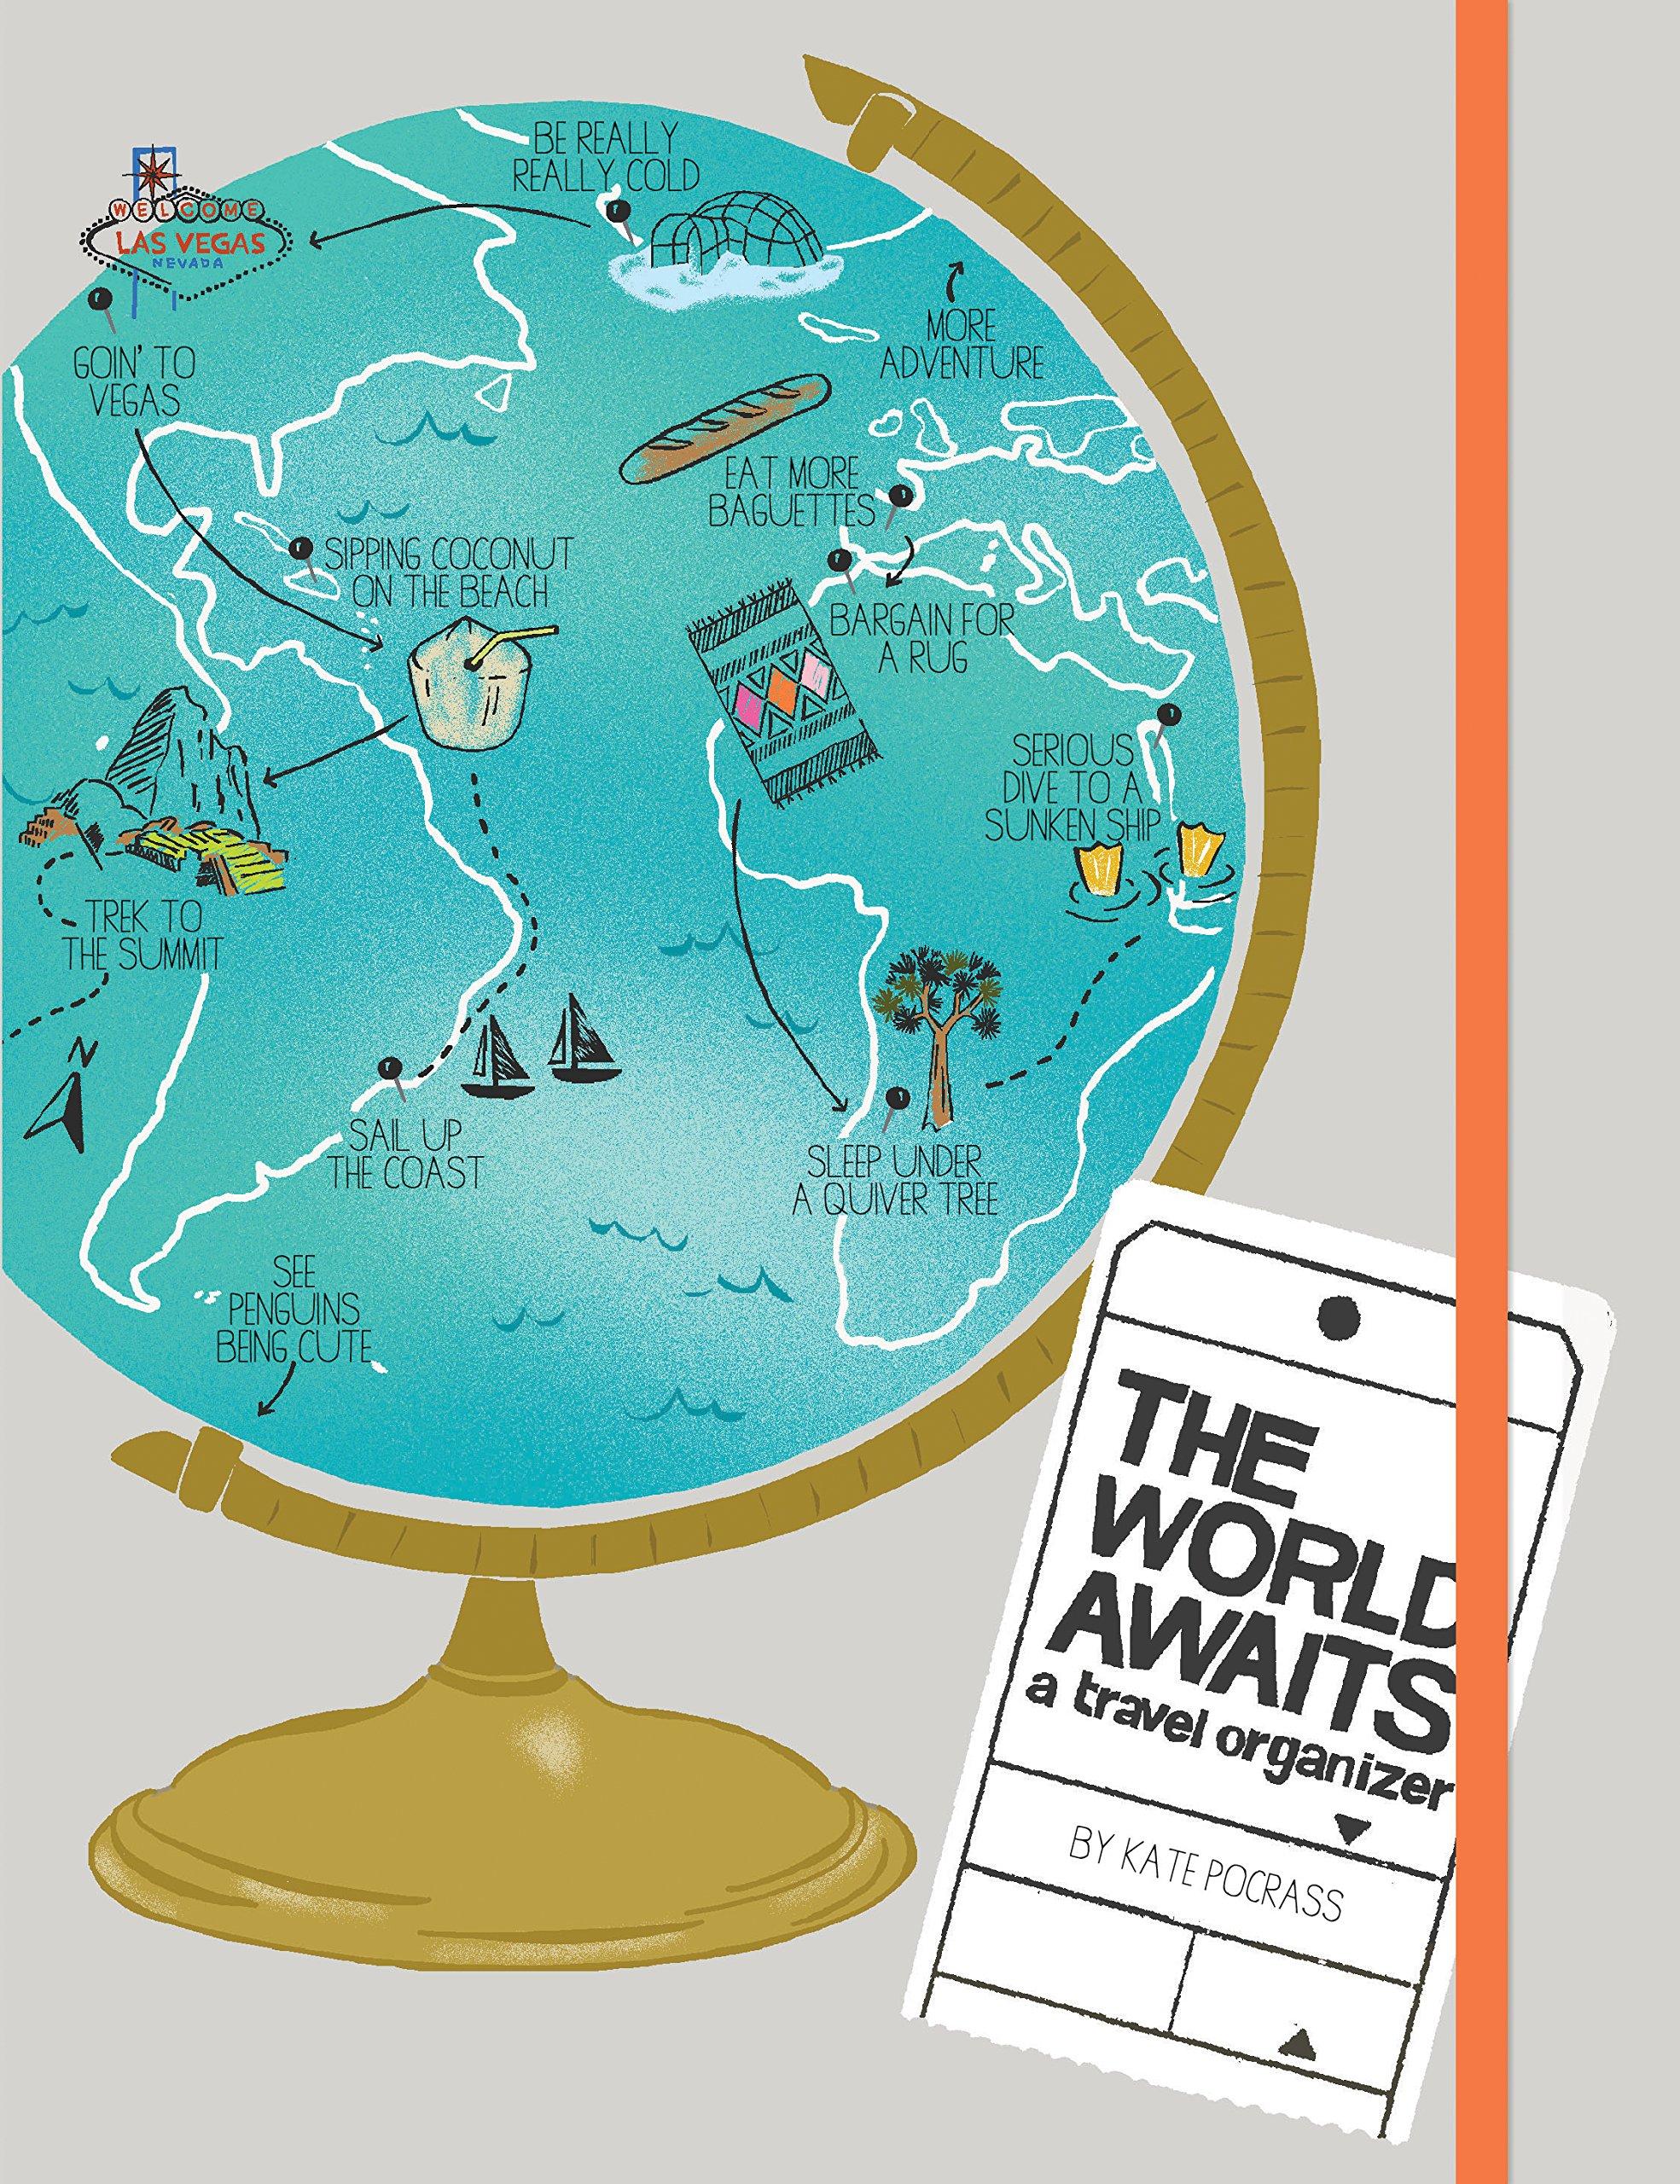 The World Awaits Journal: A Travel Organizer